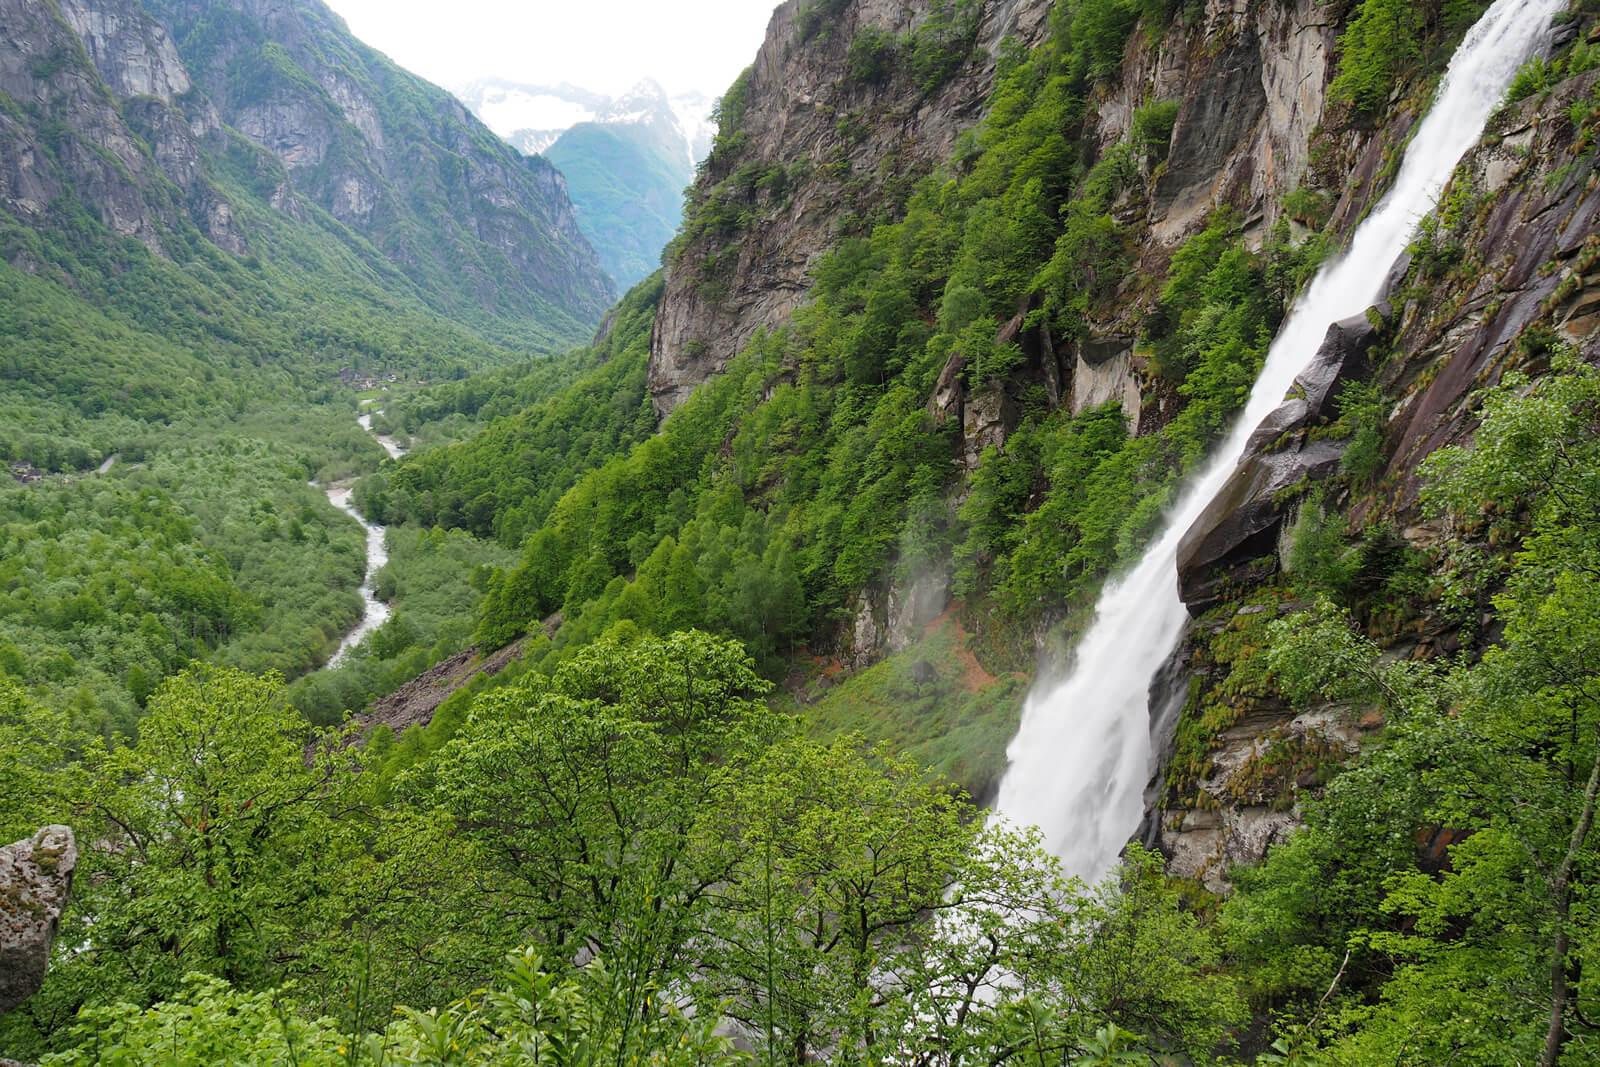 Foroglio Waterfalls in the Bavona Valley, Switzerland